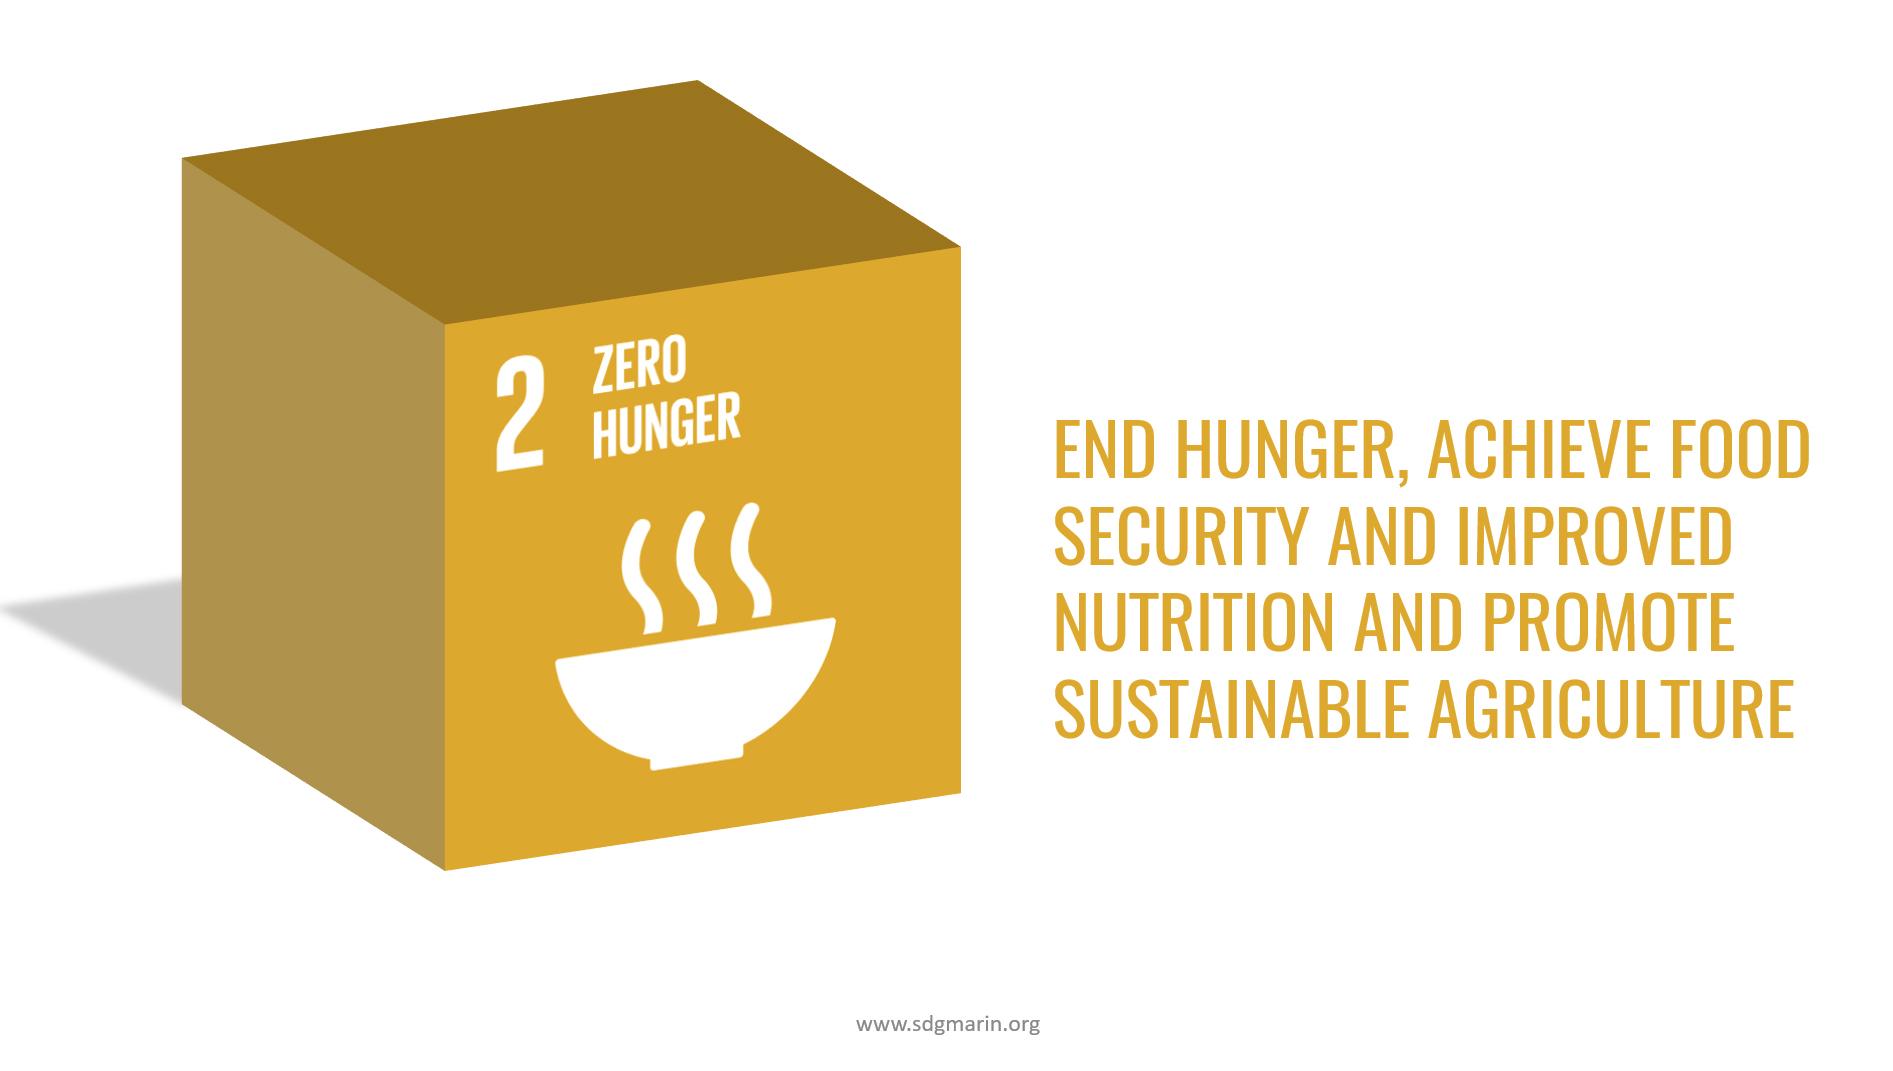 UN SDG #2 Zero Hunger 3D image with Text